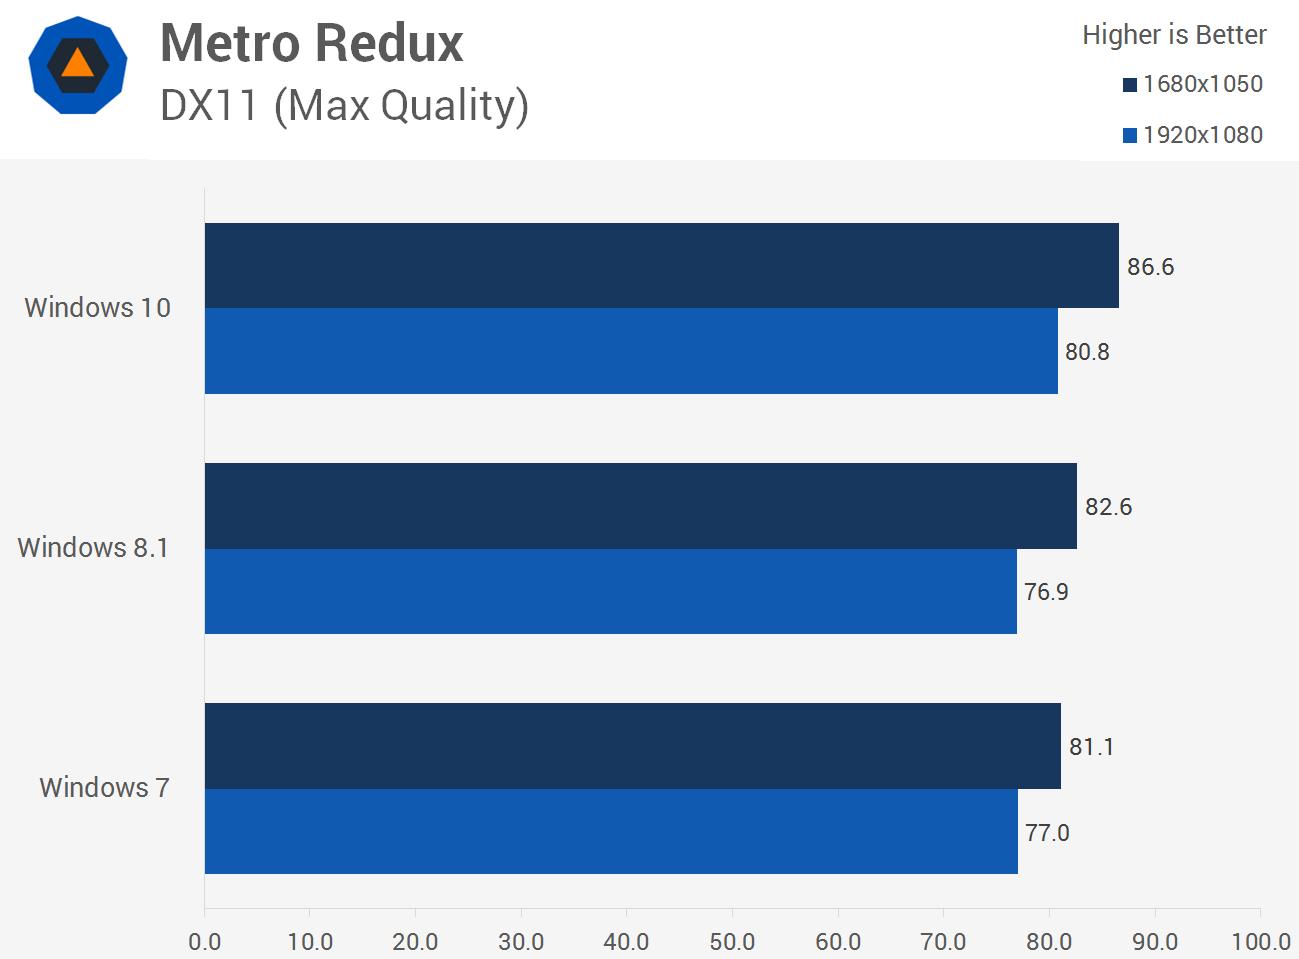 سرعت اجرای بازی Metro Redux در ویندوز 10، ویندوز 8.1 و ویندوز 7